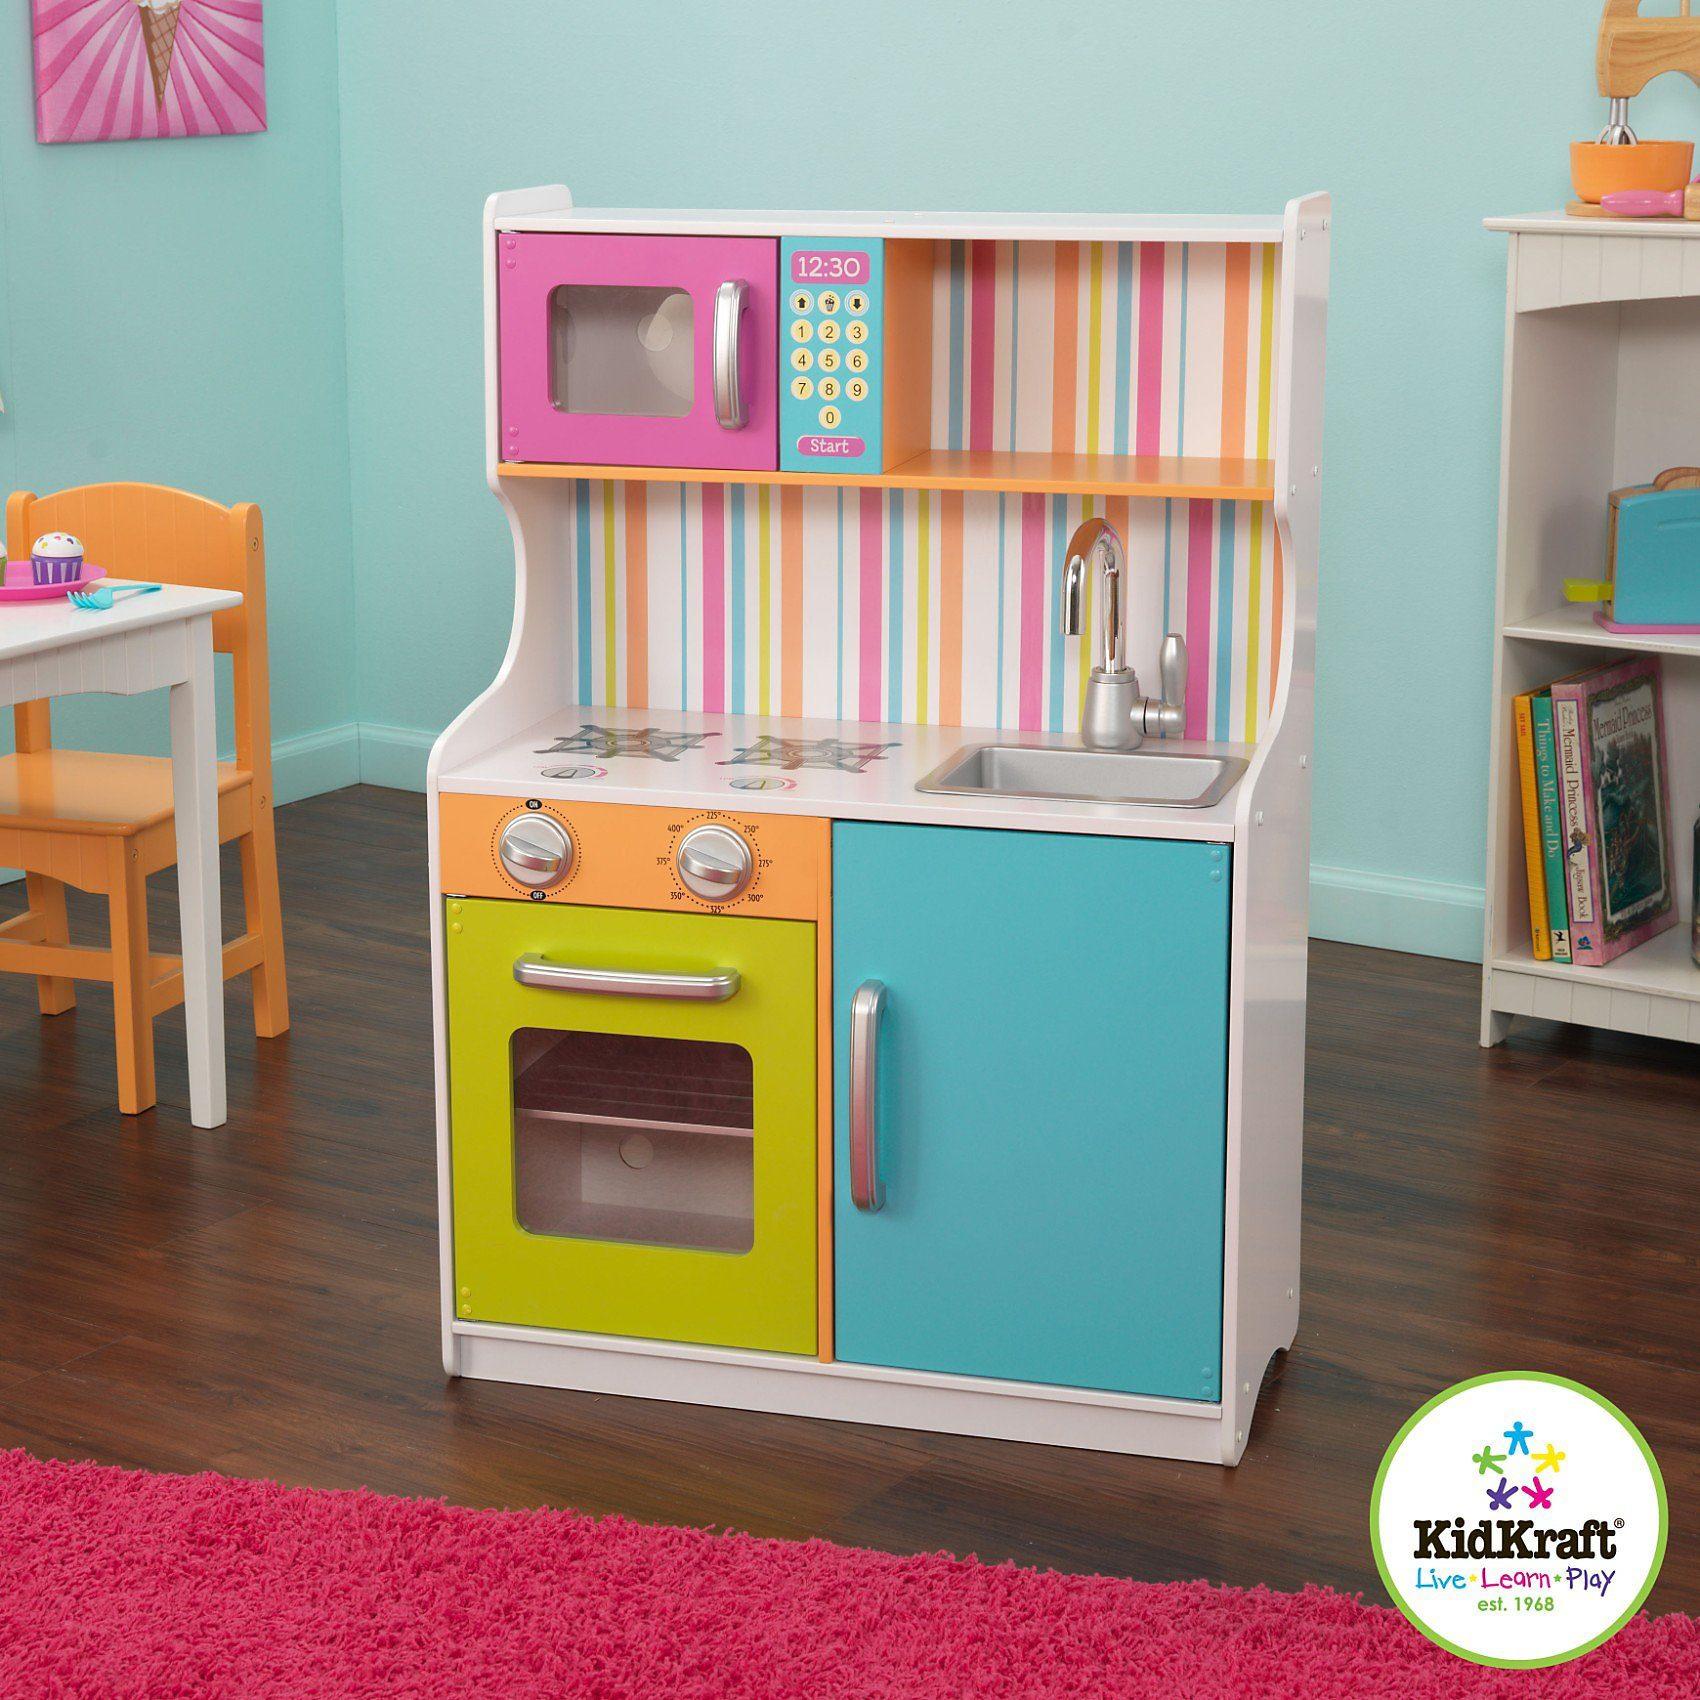 KidKraft® Spielküche in hellen Farben